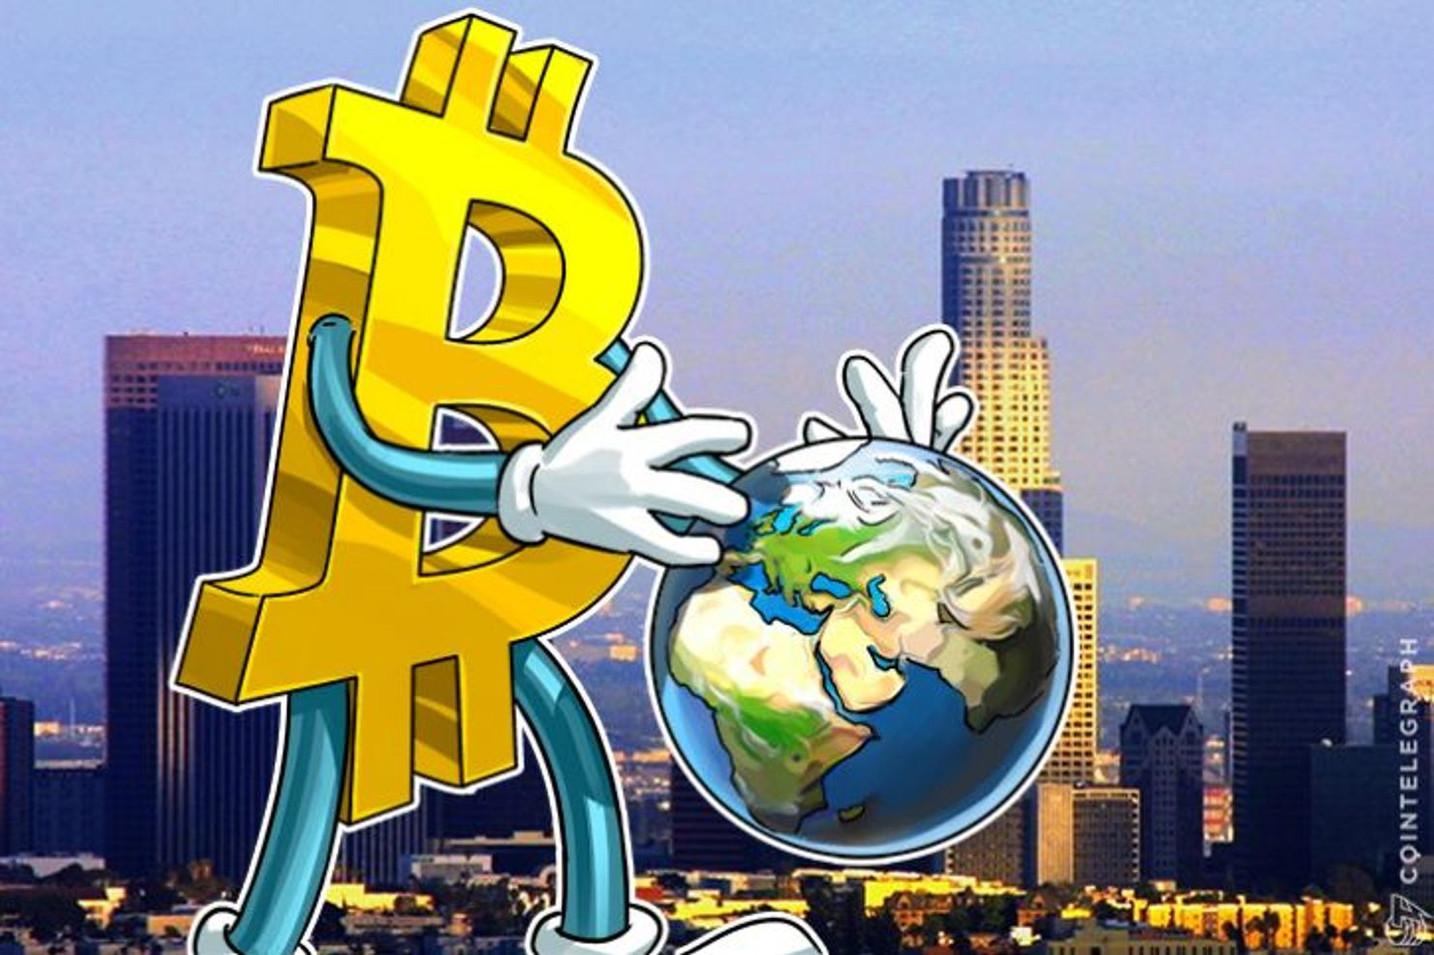 ビットコイン取引による売上は41億円=米決済サービス大手のスクエア